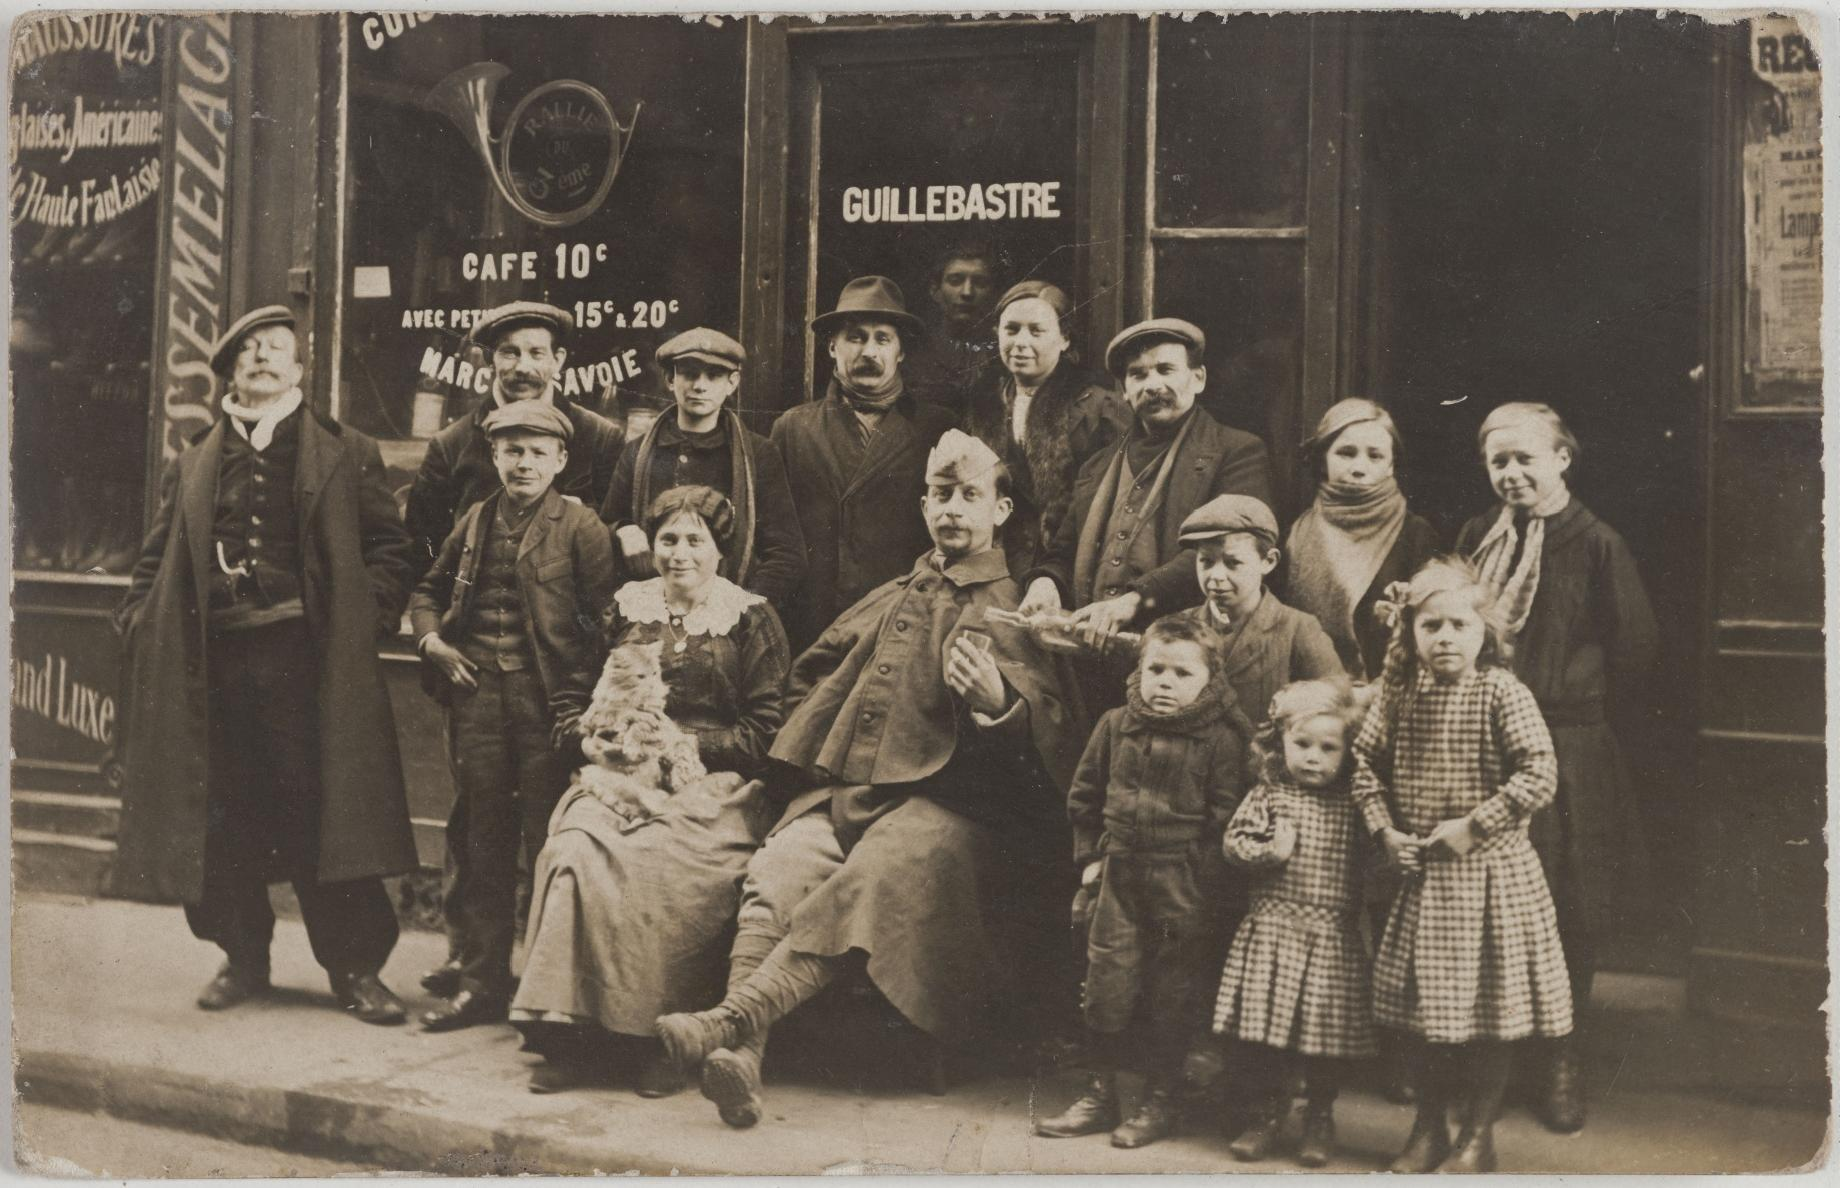 1915-1920. Кафе, ресторан. Дом Гийебастре, 98, rue du Temple (3-й округ). Сейчас на этом месте импортно-экспортная компания